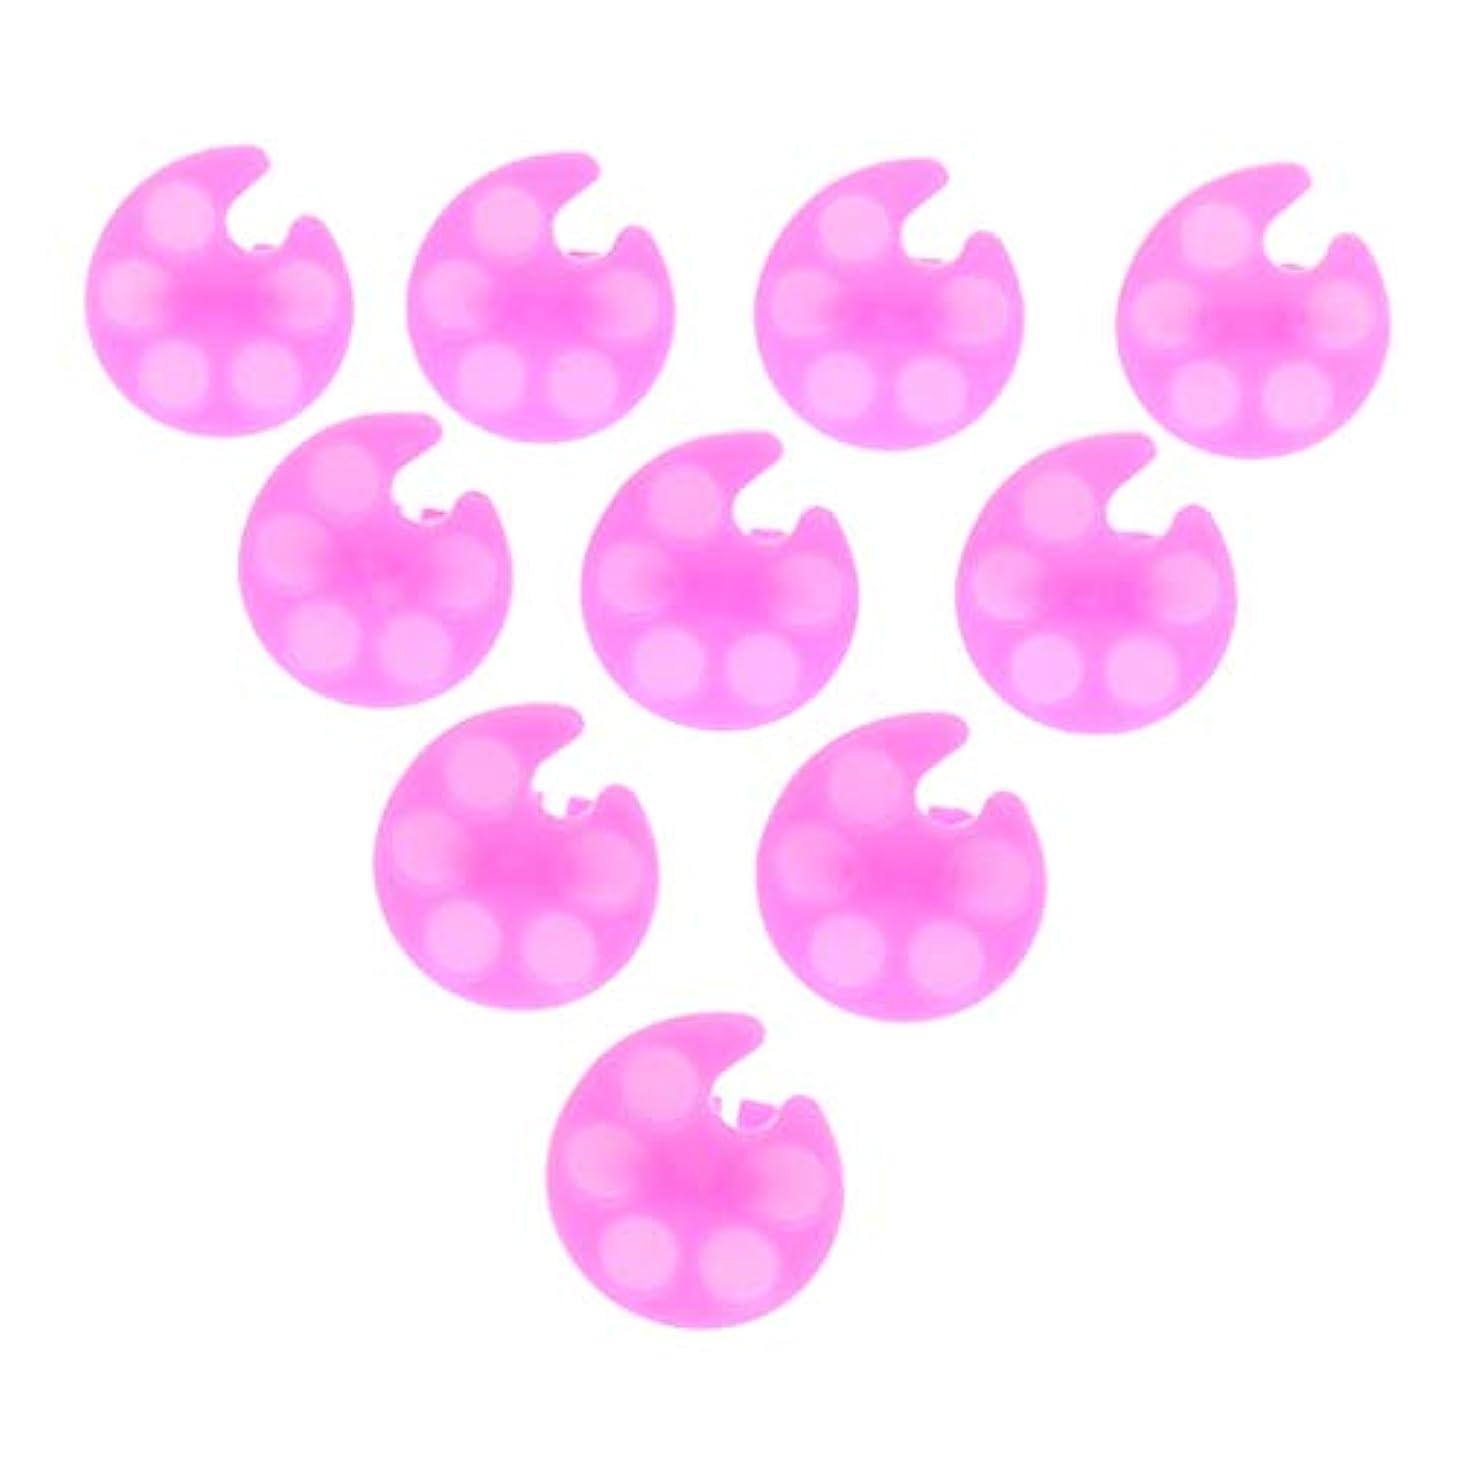 想定彫刻家名門CUTICATE 約10個 ネイルパレット ネイルアートパレット 顔料 プレート ネイルポリッシュ リング付き 全5色 - ピンク01